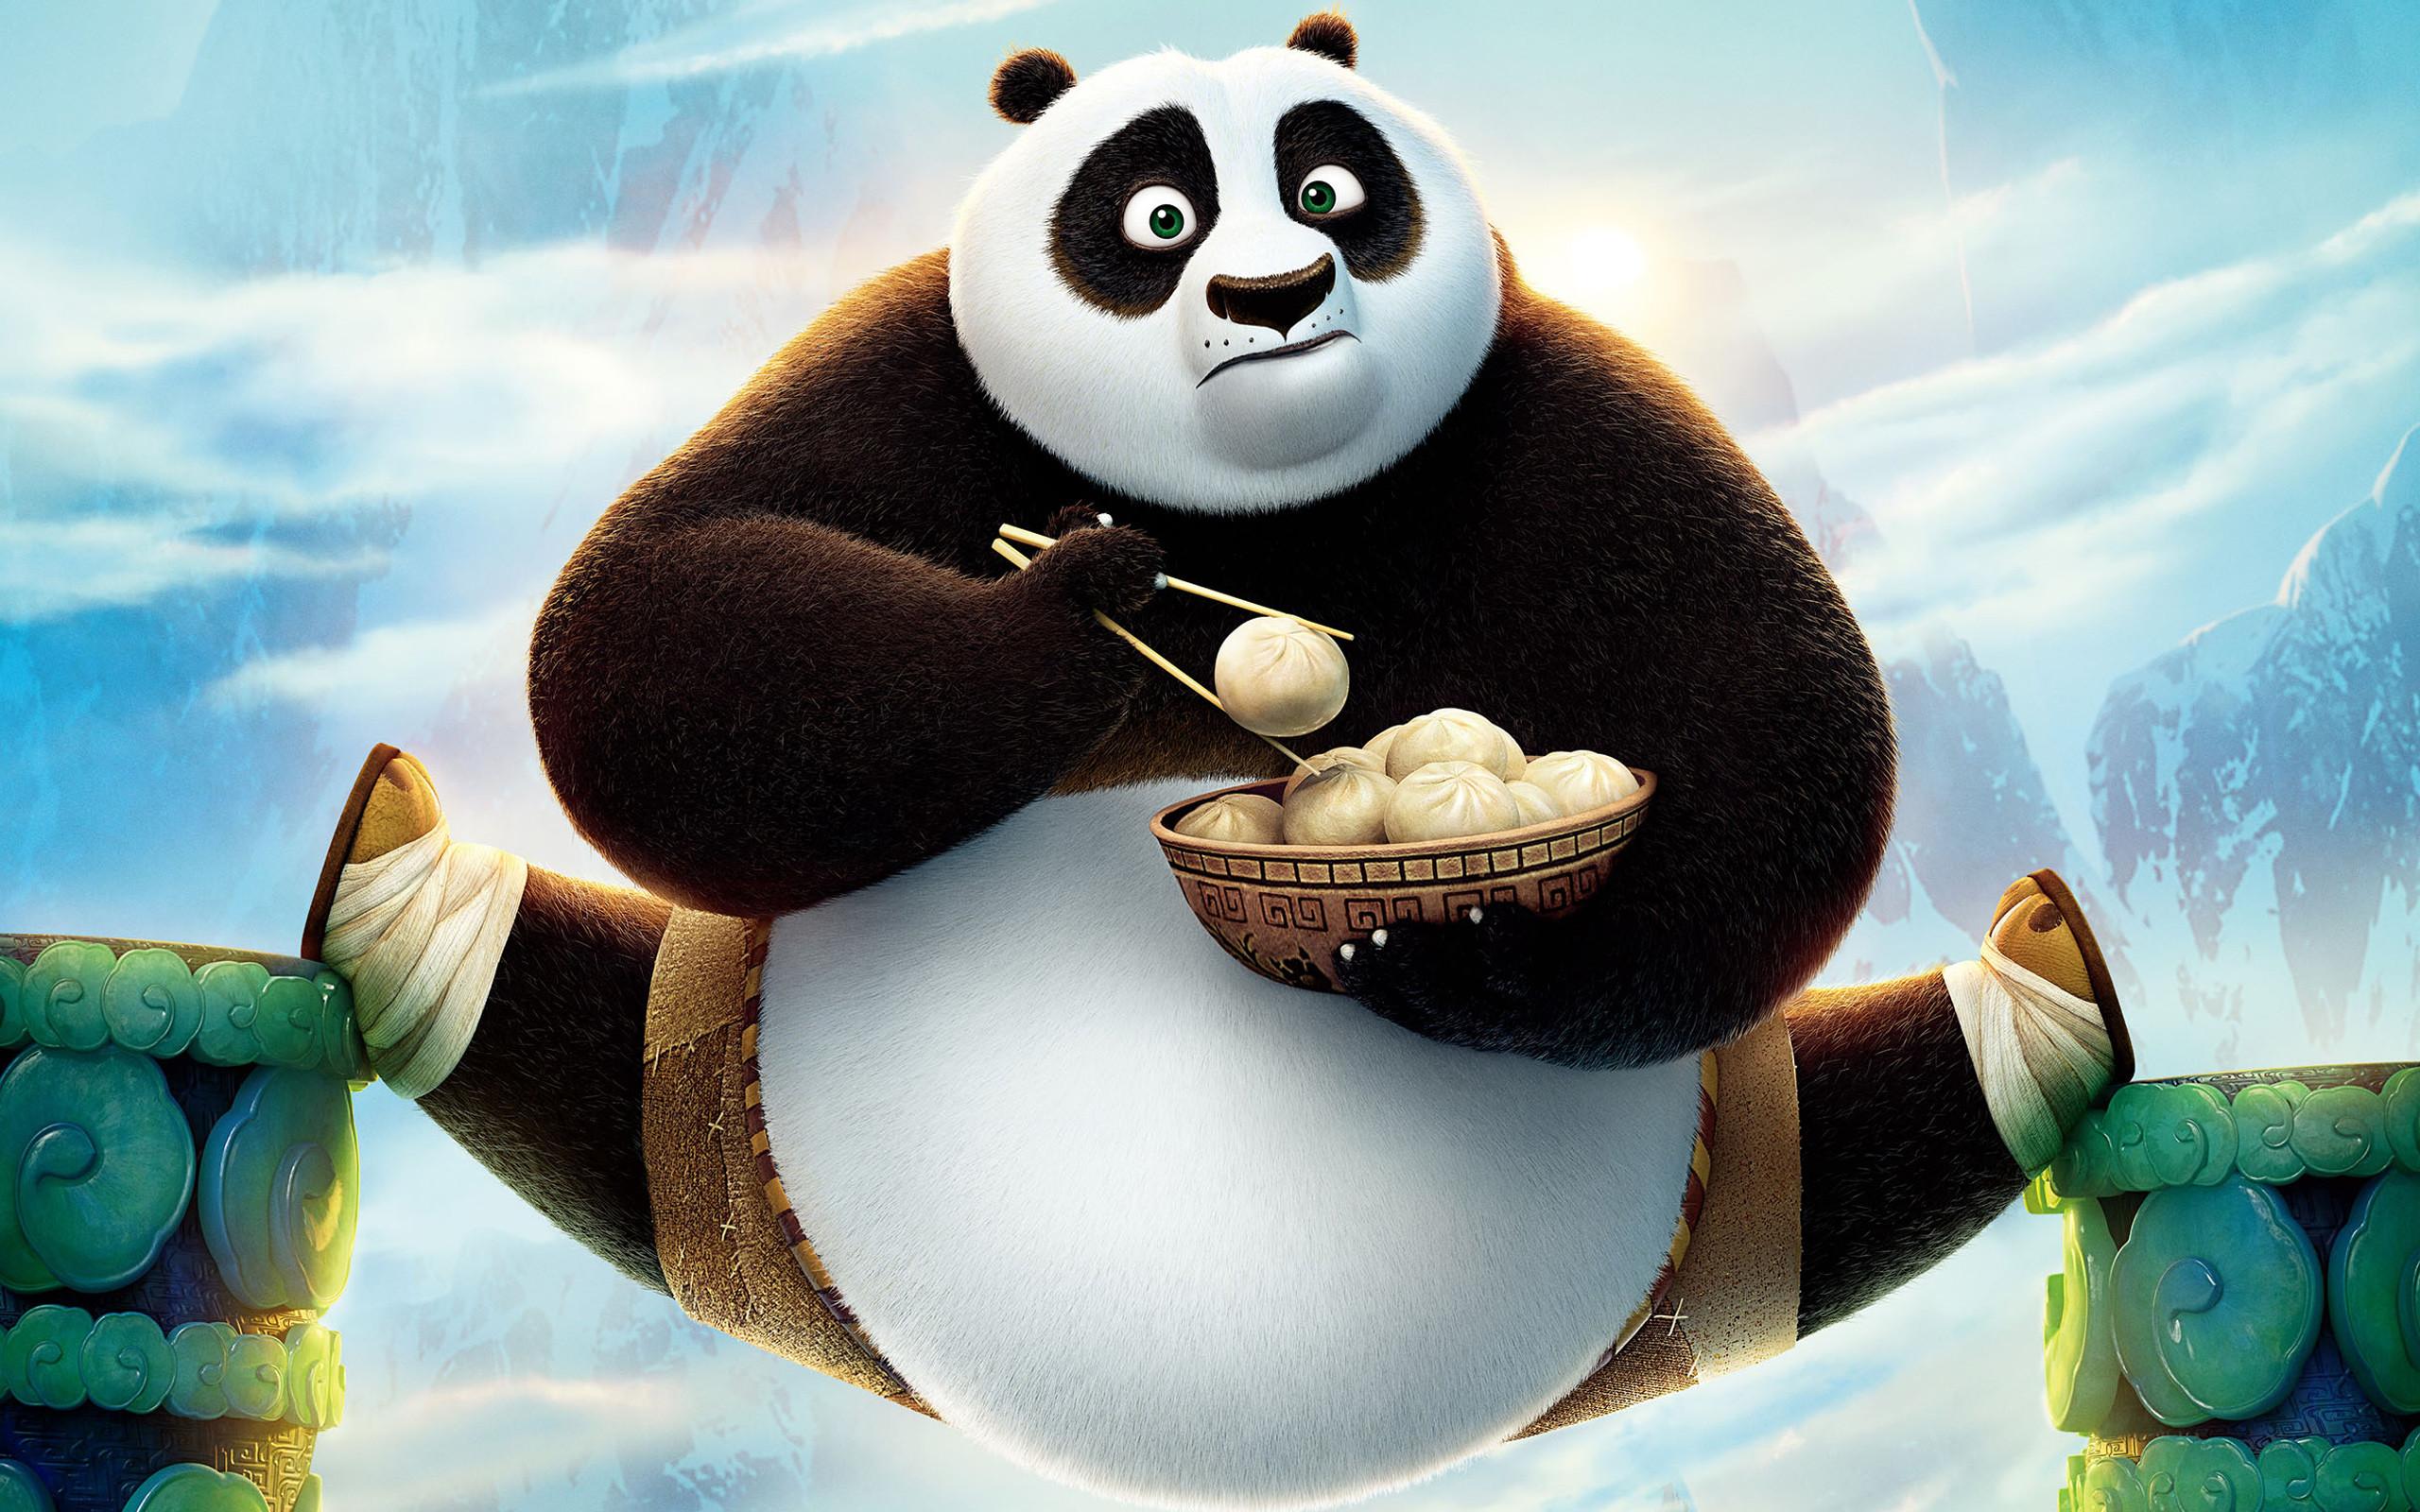 Cute Kung Fu Panda 3 Wallpaper